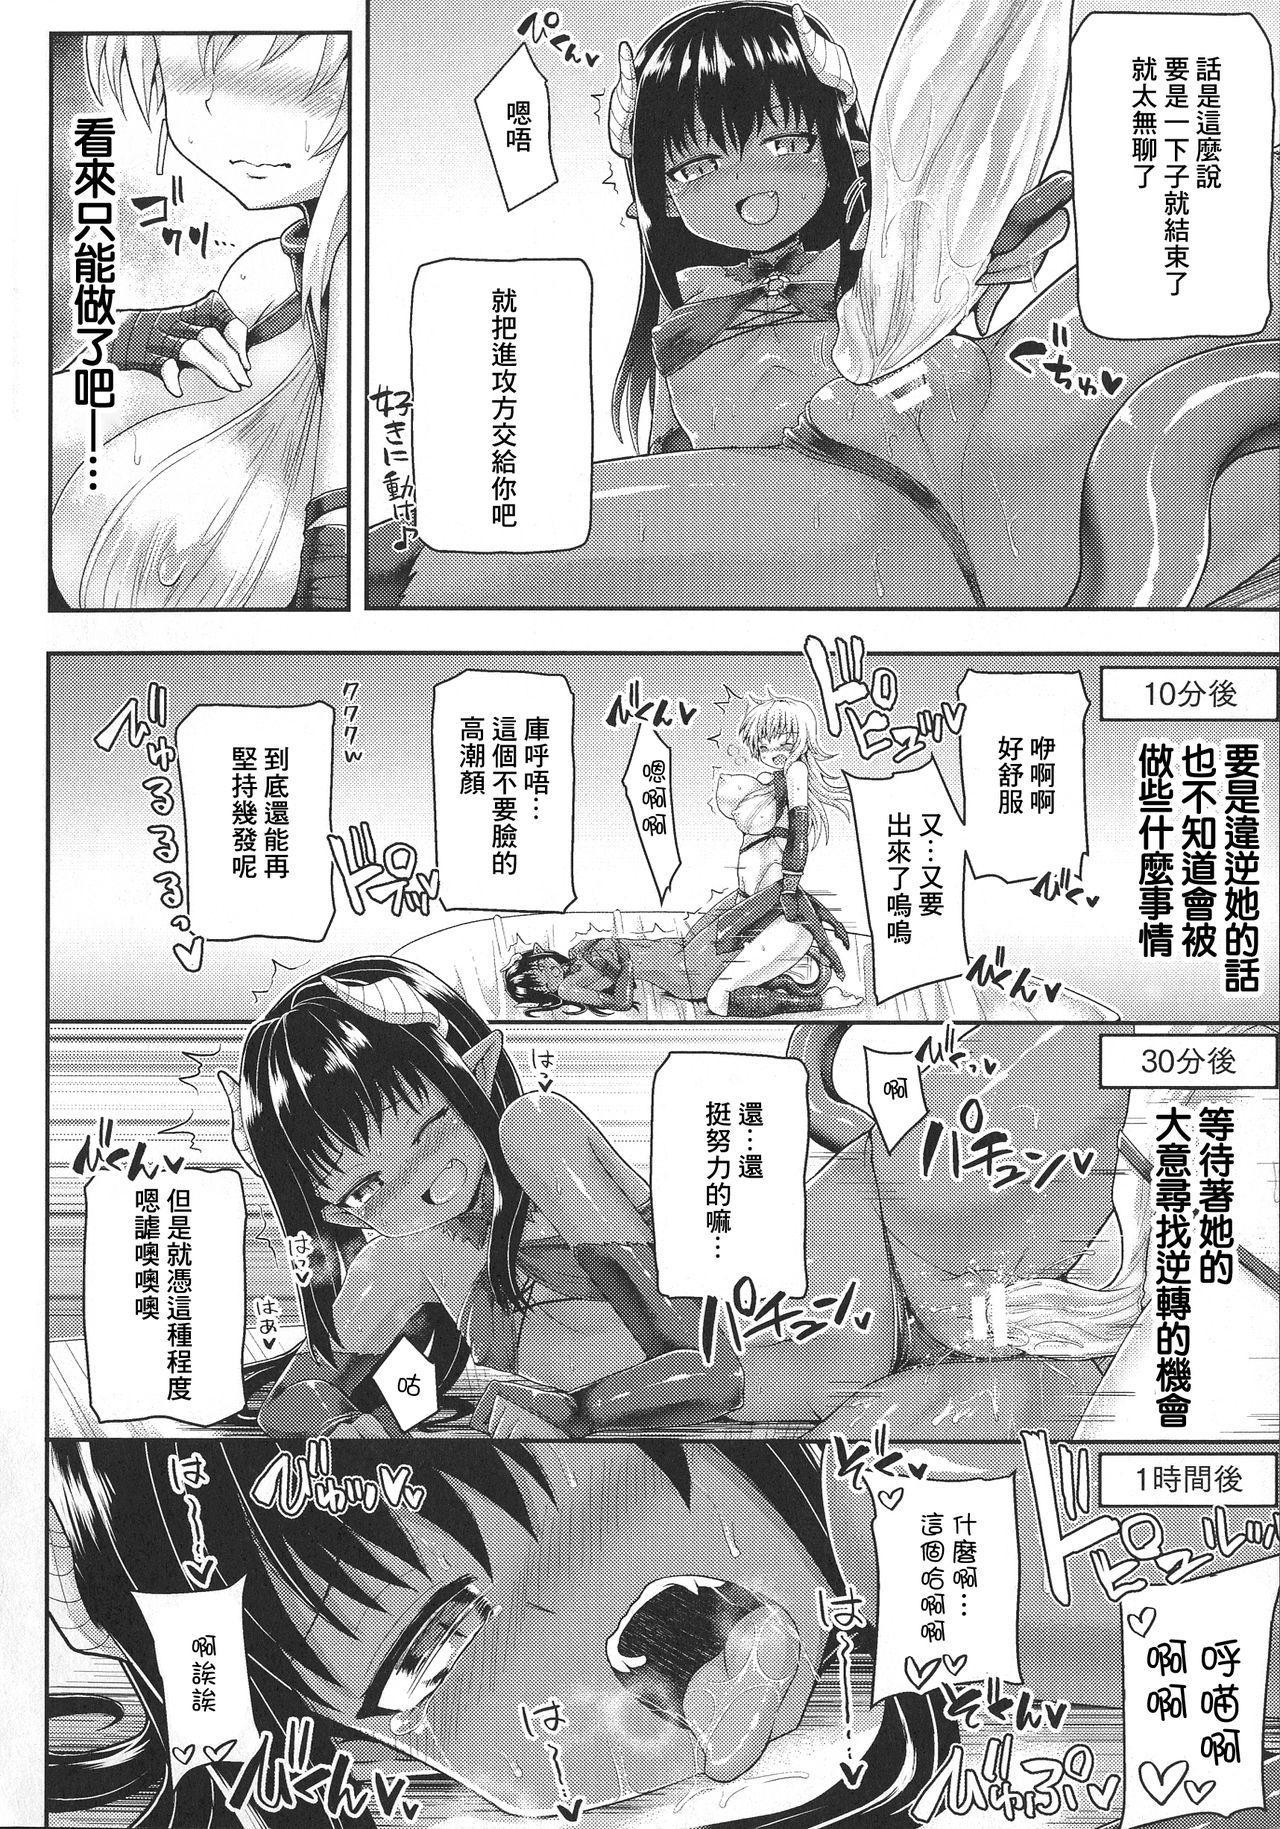 Futanari Gal Brave - Tsuiteru Gal Yuusha Isekai no ji ni Botsu 62